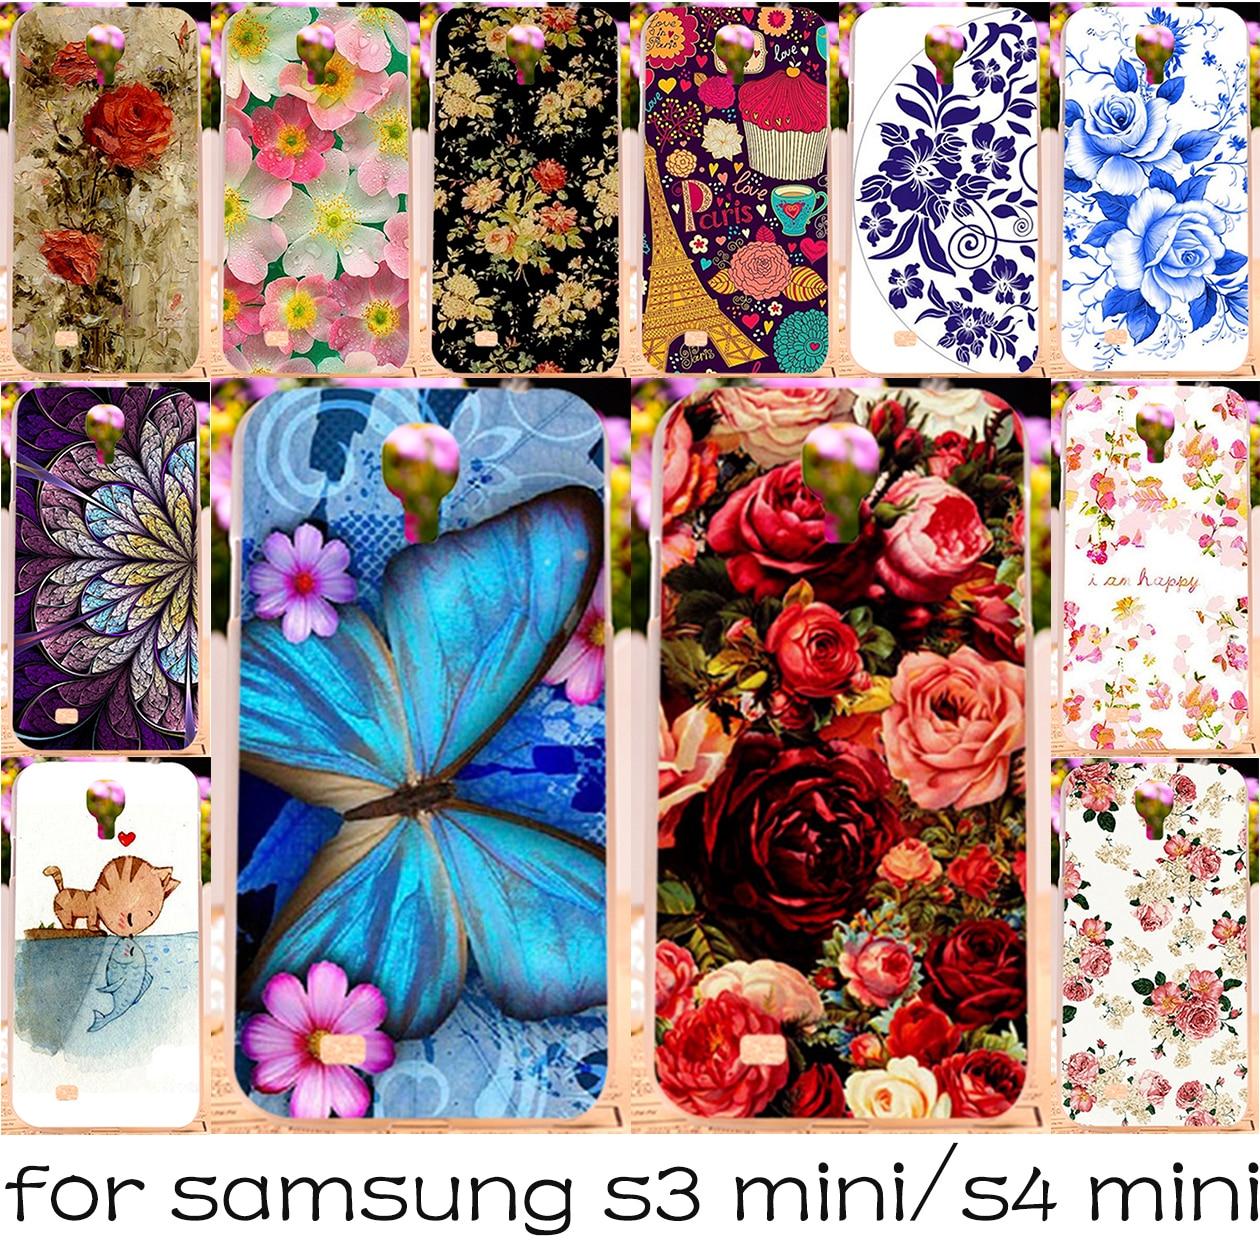 Silicon OR Plastic Phone Case For Samsung Galaxy I8190 S3 mini 8190 4.0''/I9190 S4 mini GA009 GT-i9190 i9192 9190 4.3'' Cover